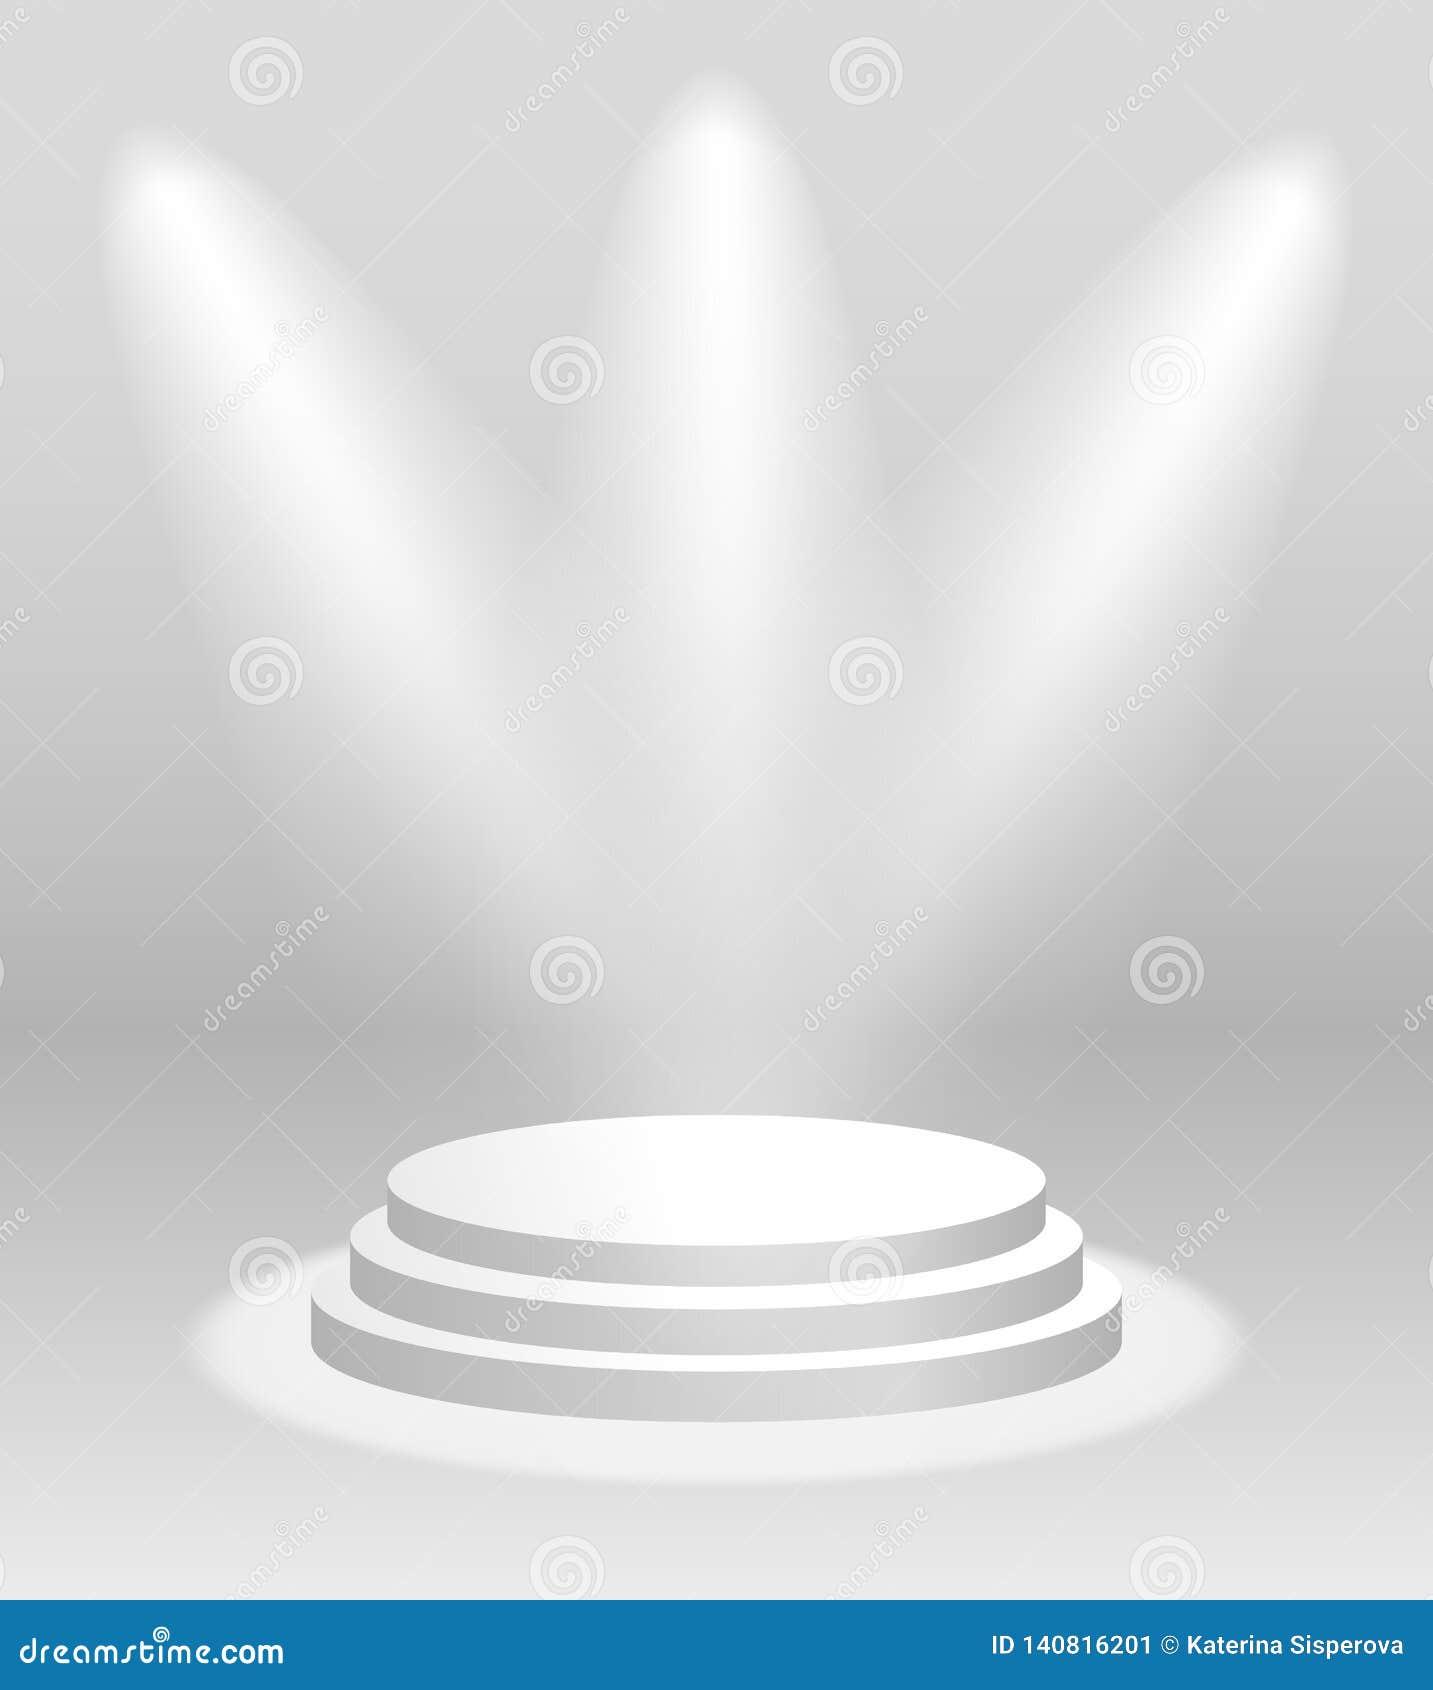 Realistisk vit podium eller sockel för vektor med strålkastare för ceremoni eller utställning